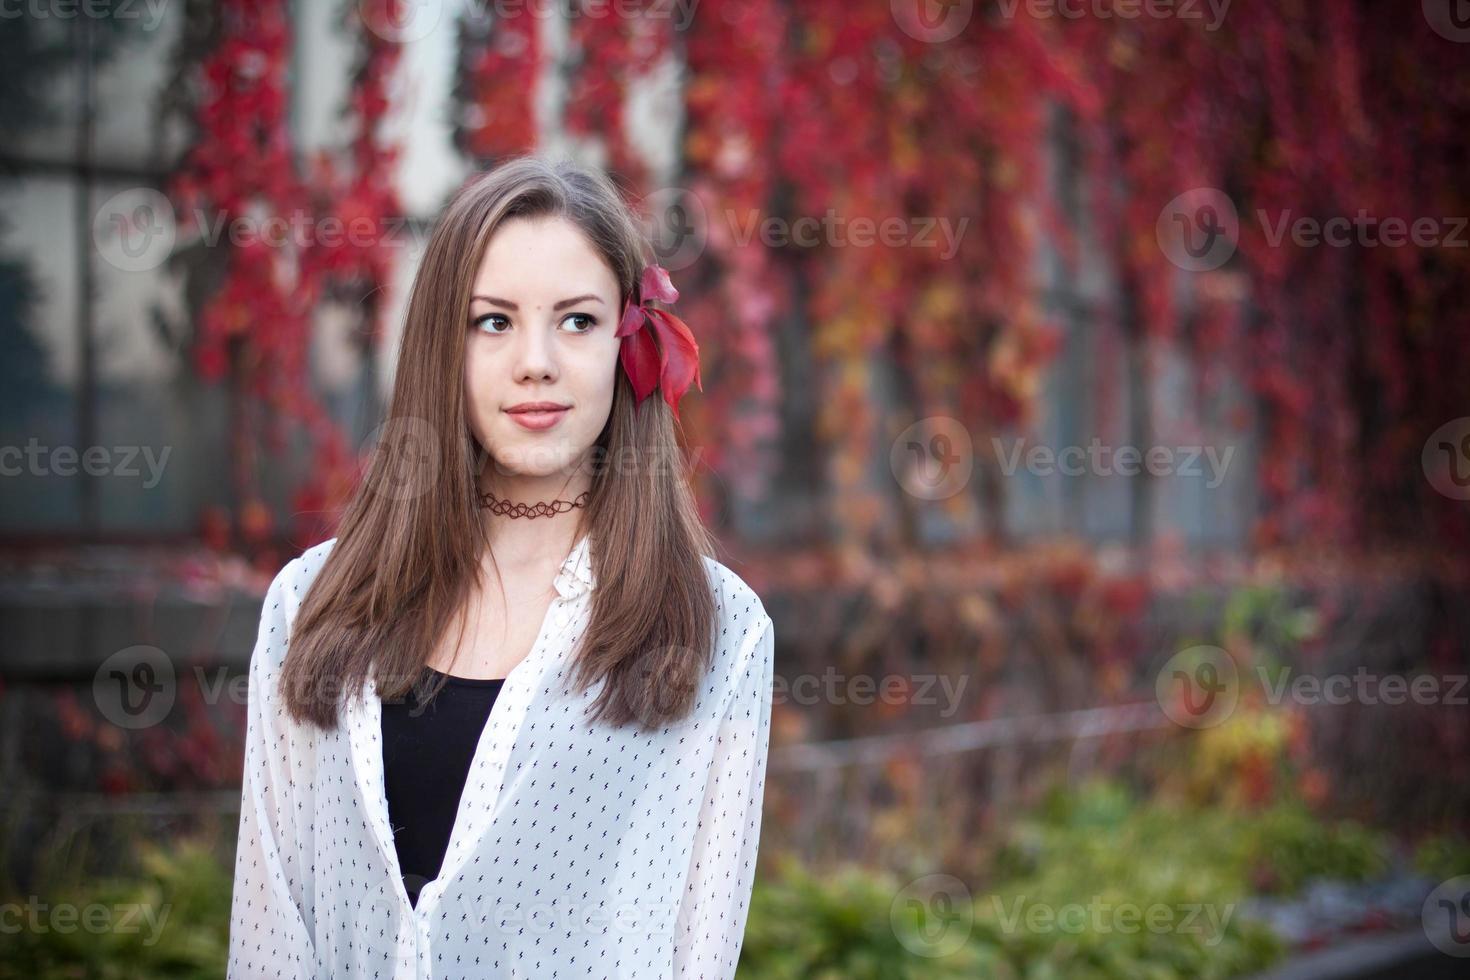 jong meisje in een prachtig herfst park, concept herfst foto